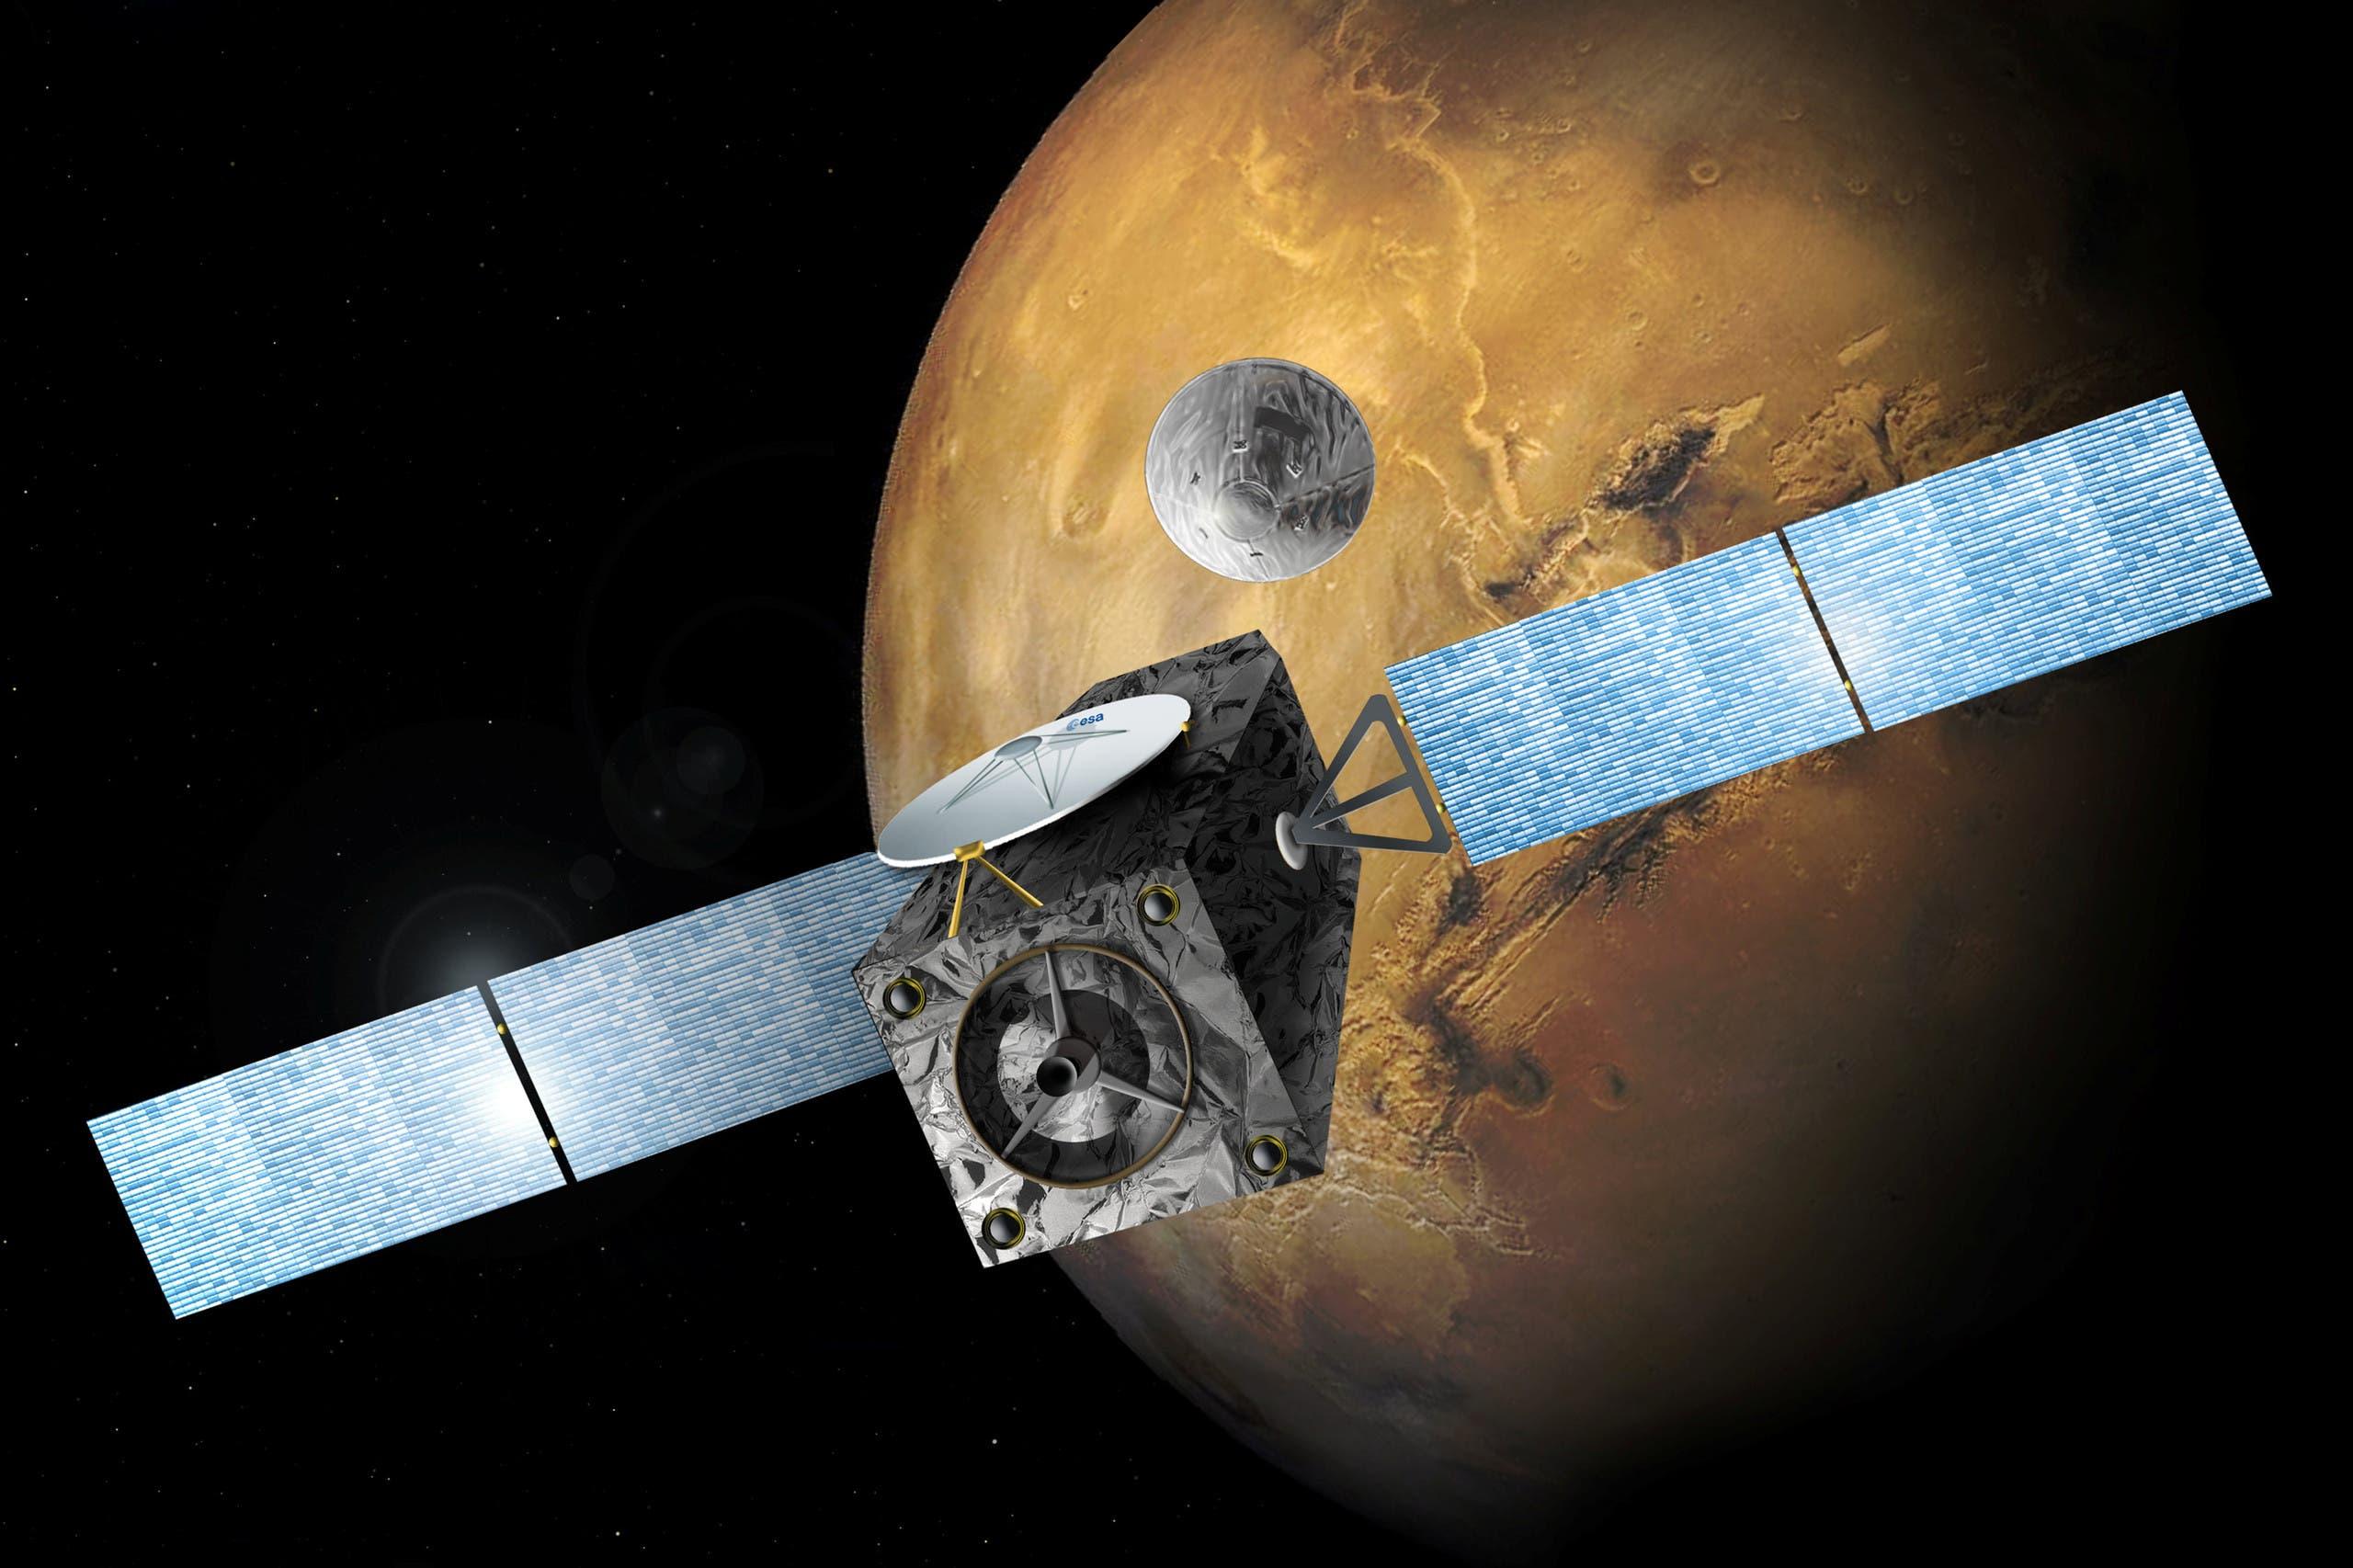 هبوط مركبة فضاء على سطح المريخ